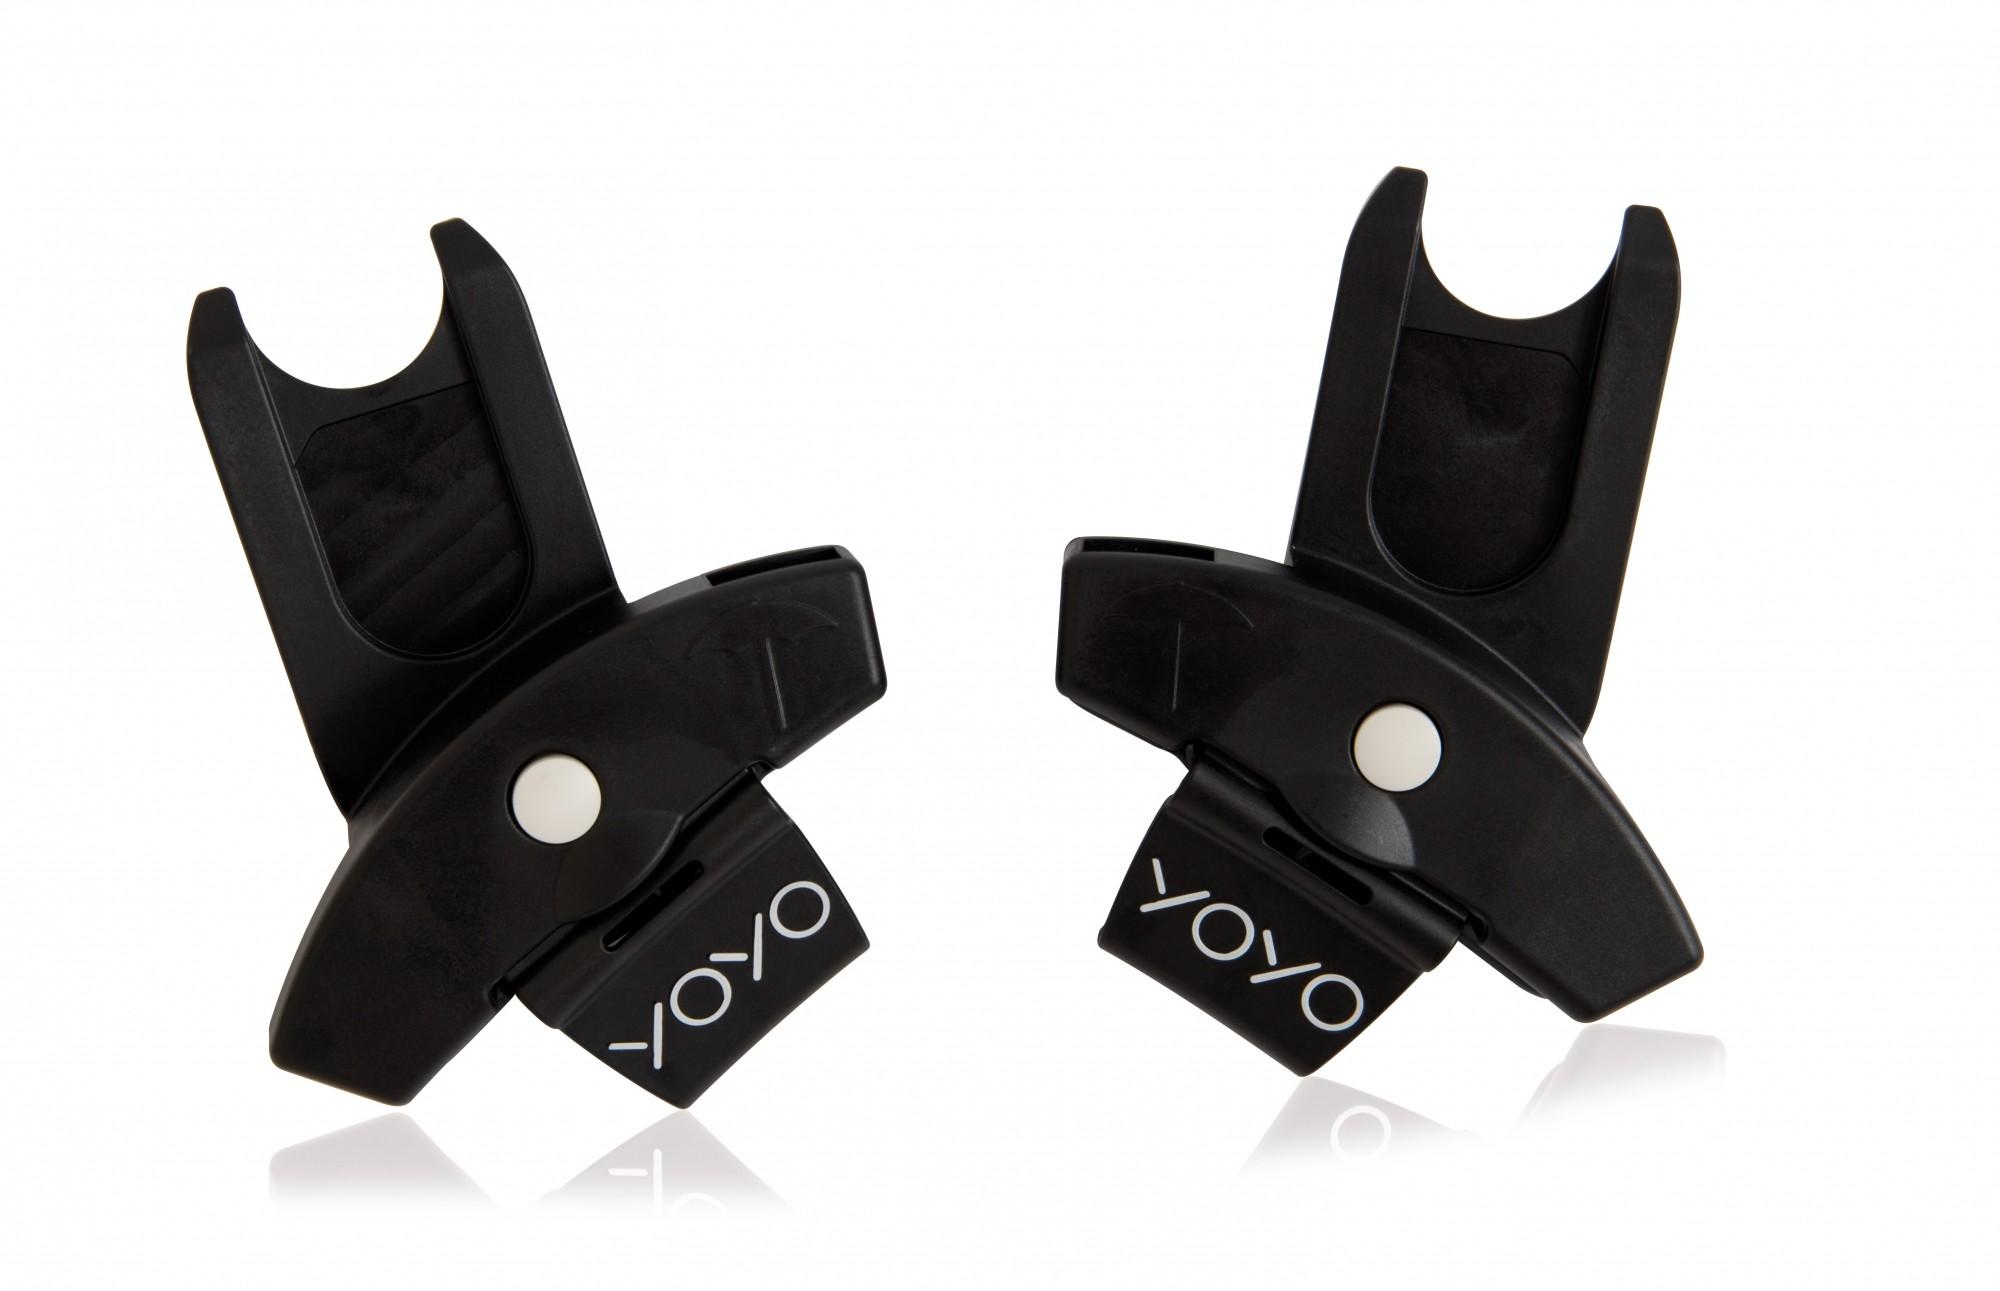 Babyzen Autositz-Adapter für Yoyo+